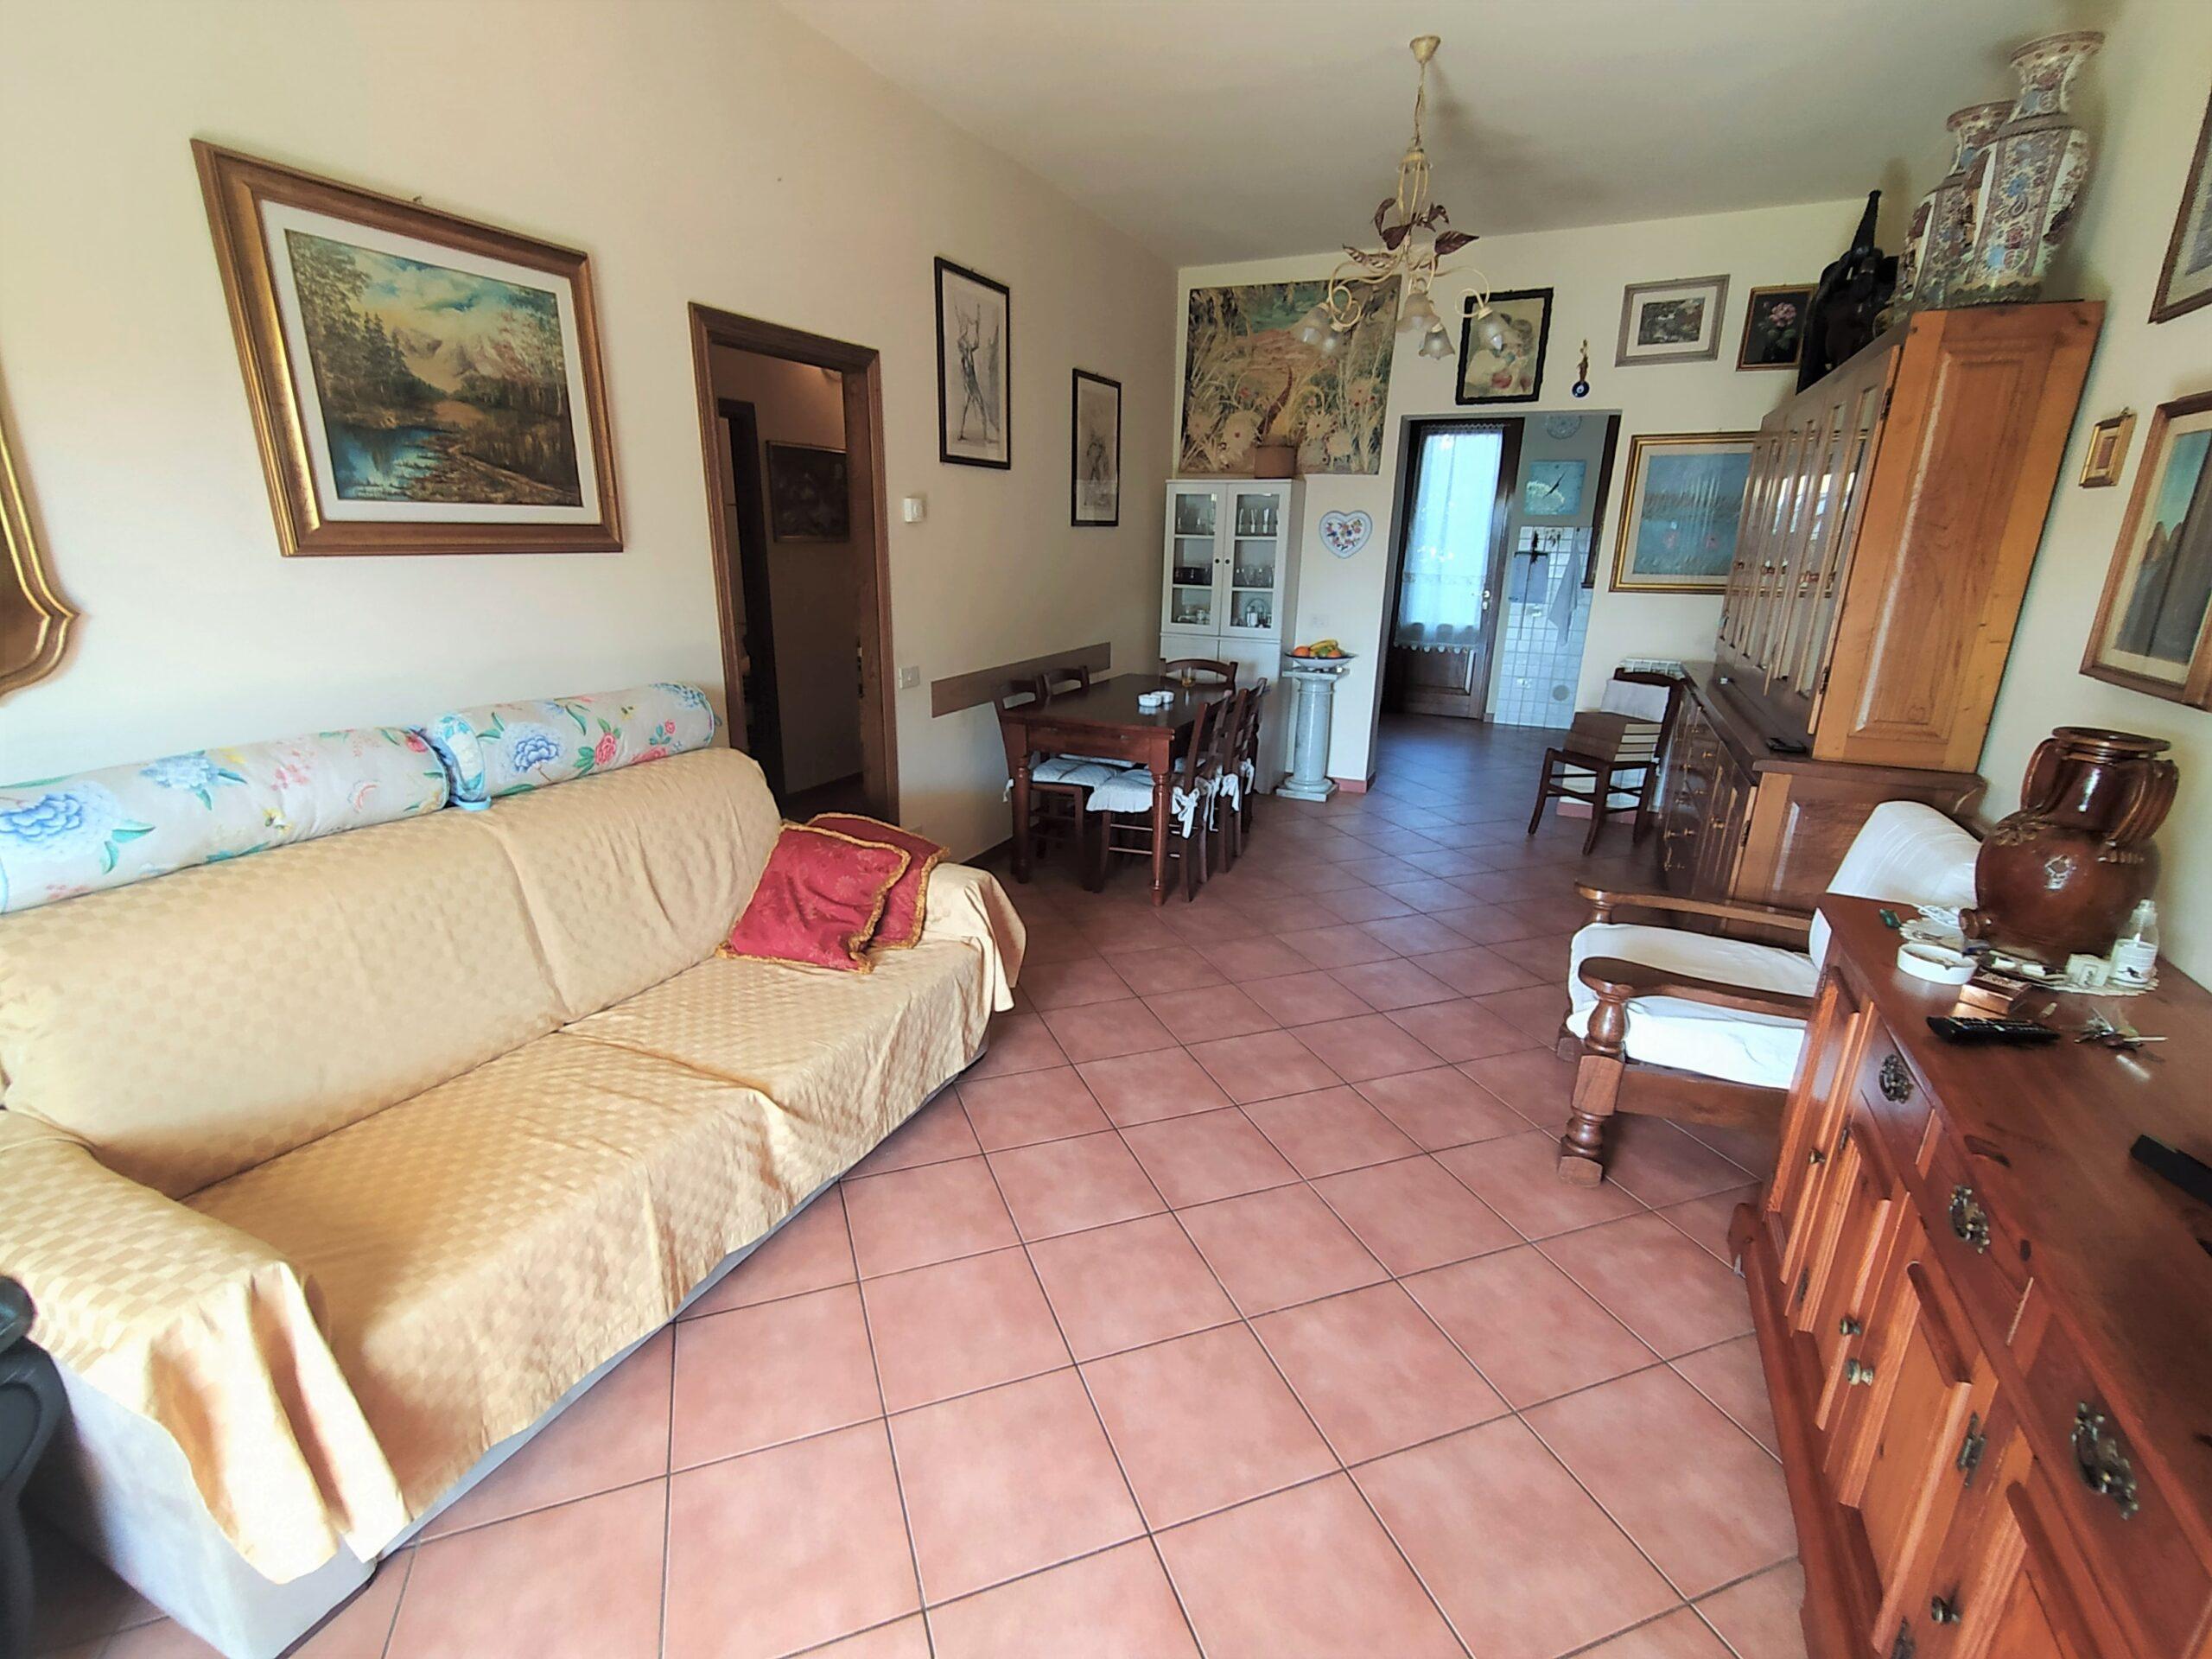 Appartamento Piano Terra al confine tra Forte dei Marmi e Querceta. Disponibile Virtual Tour